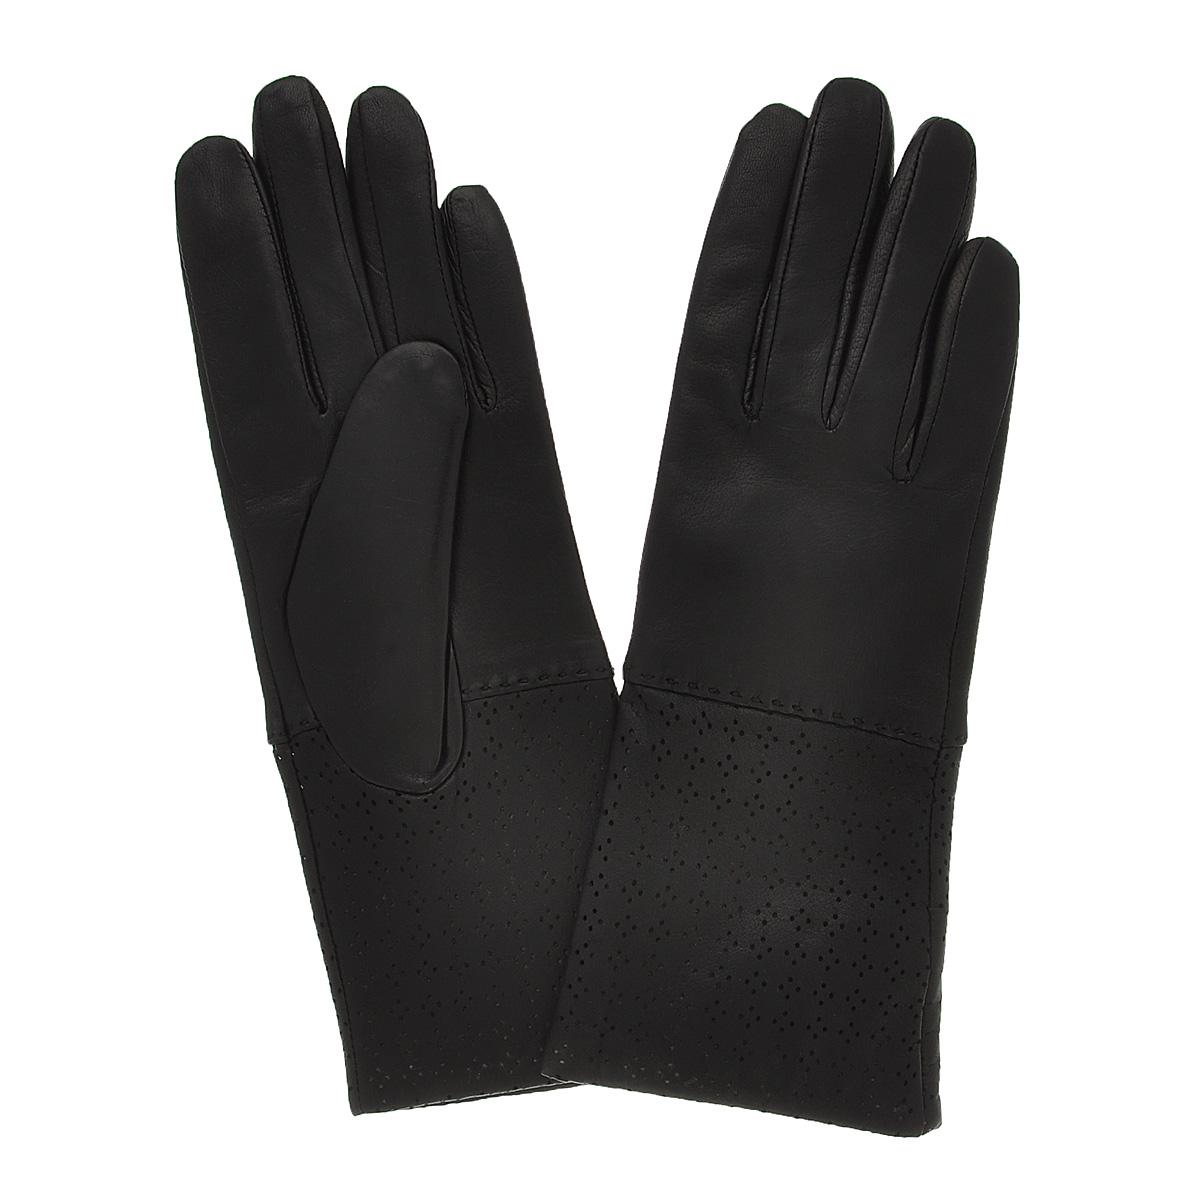 Перчатки женские Michel Katana, цвет: черный. K11-OSE. Размер 7K11-OSE/BLСтильные перчатки Michel Katana с шерстяной подкладкой выполнены из мягкой и приятной на ощупь натуральной кожи ягненка и оформлены декоративными стежками.Перчатки станут достойным элементом вашего стиля и сохранят тепло ваших рук.Это не просто модный аксессуар, но и уникальный авторский стиль, наполненный духом севера Франции.